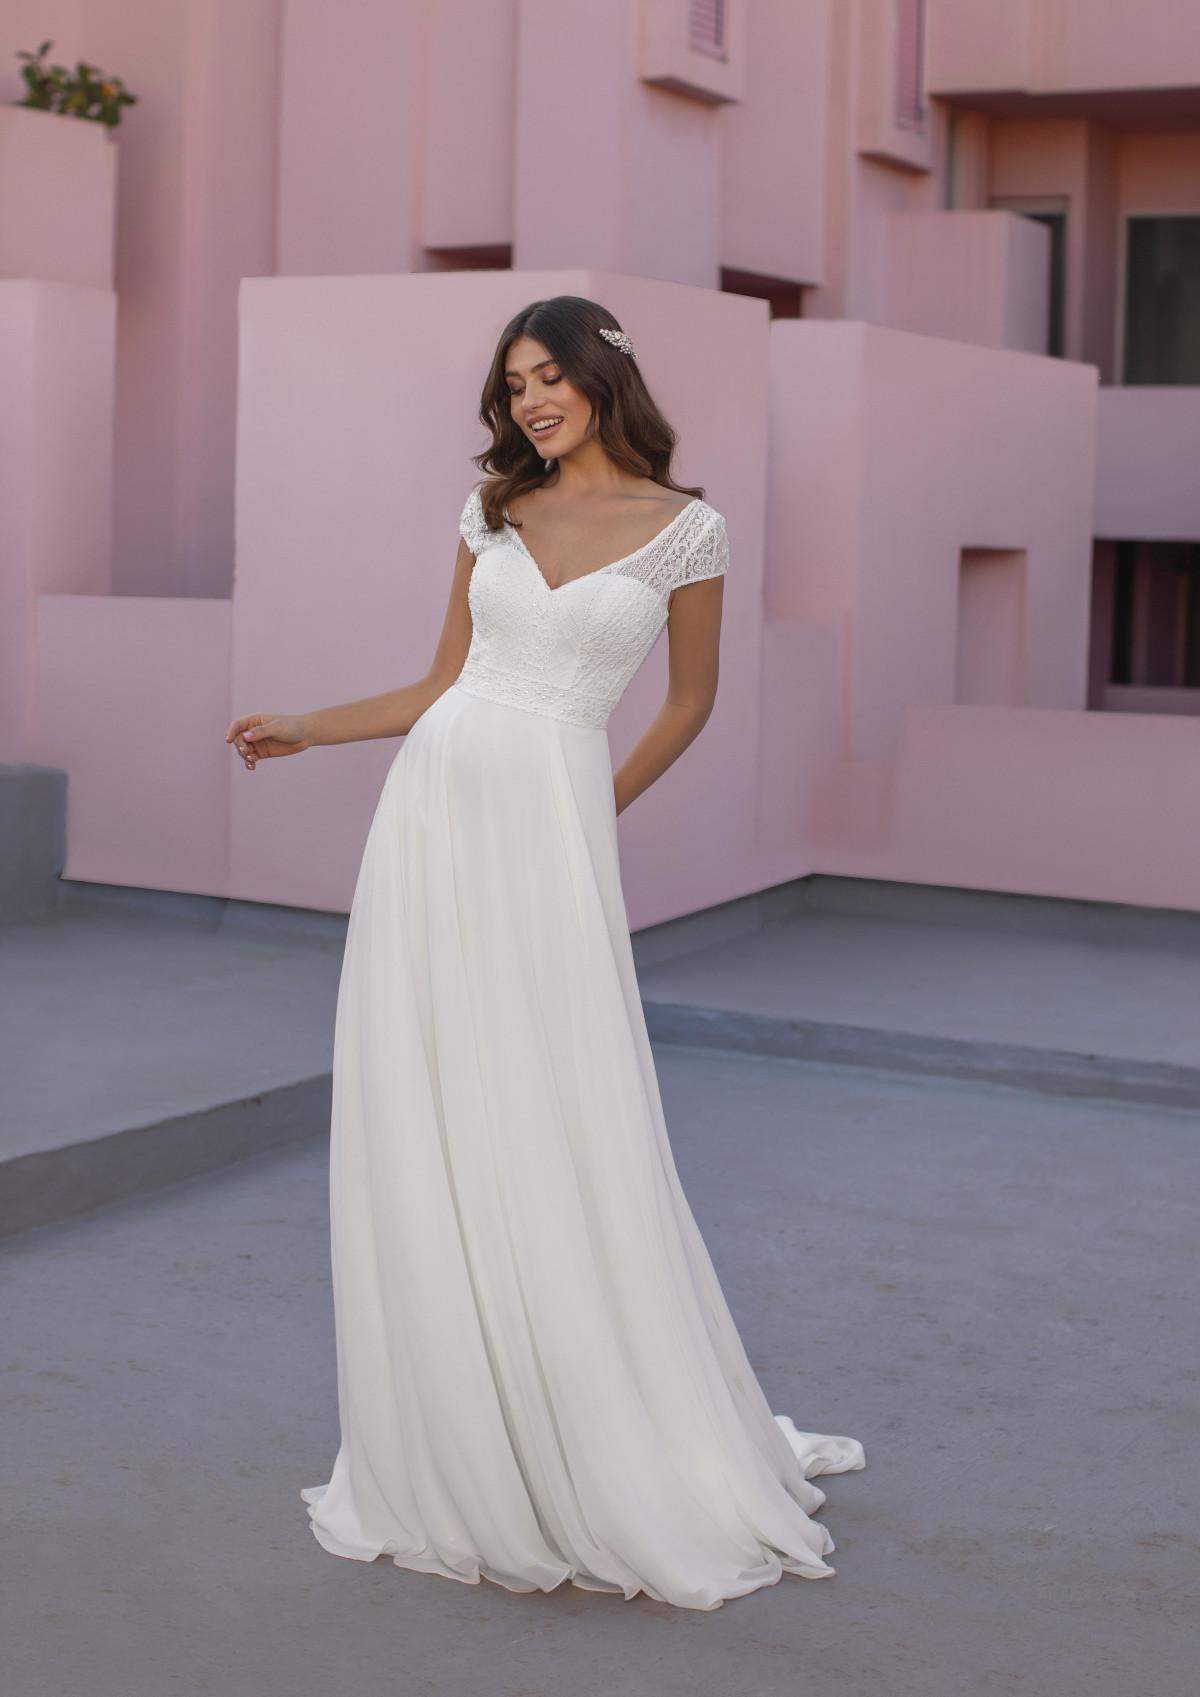 Brautkleid Köln – gesehen bei frauimmer-herrewig.de